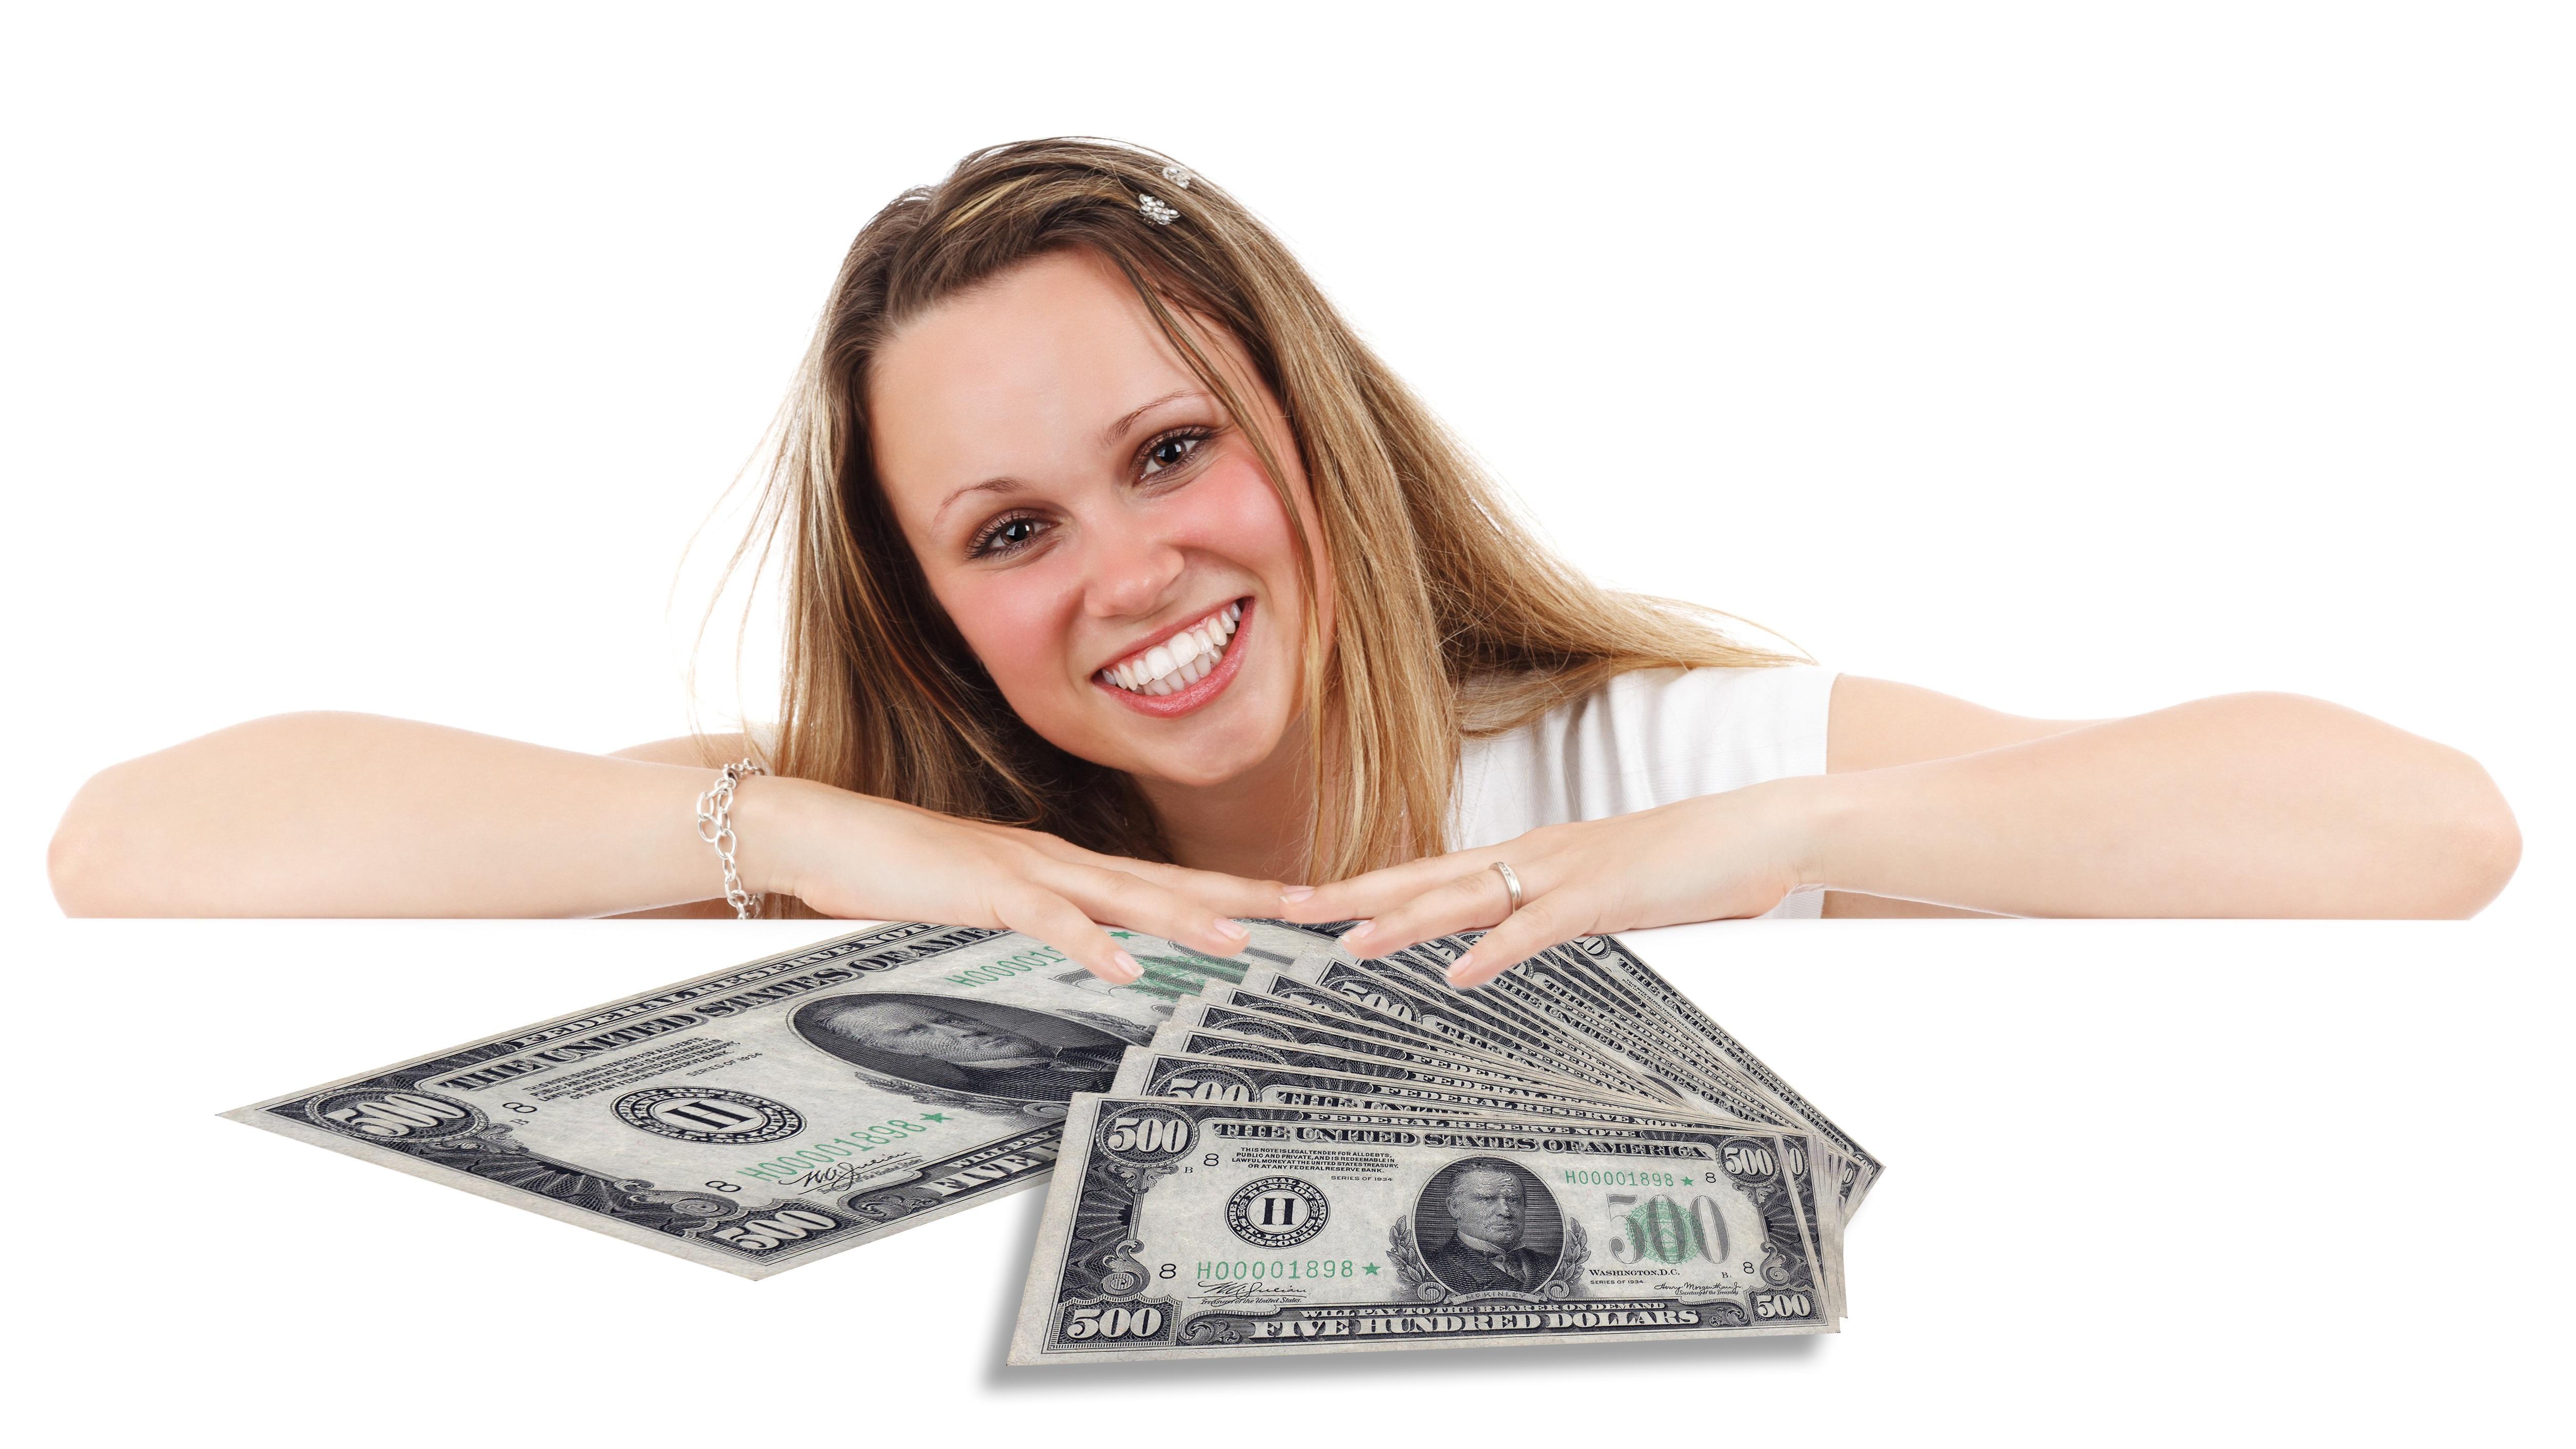 รวมรายละเอียดเงินฝากทุกประเภทธนาคาร TMB อัพเดท 2561 - imoney